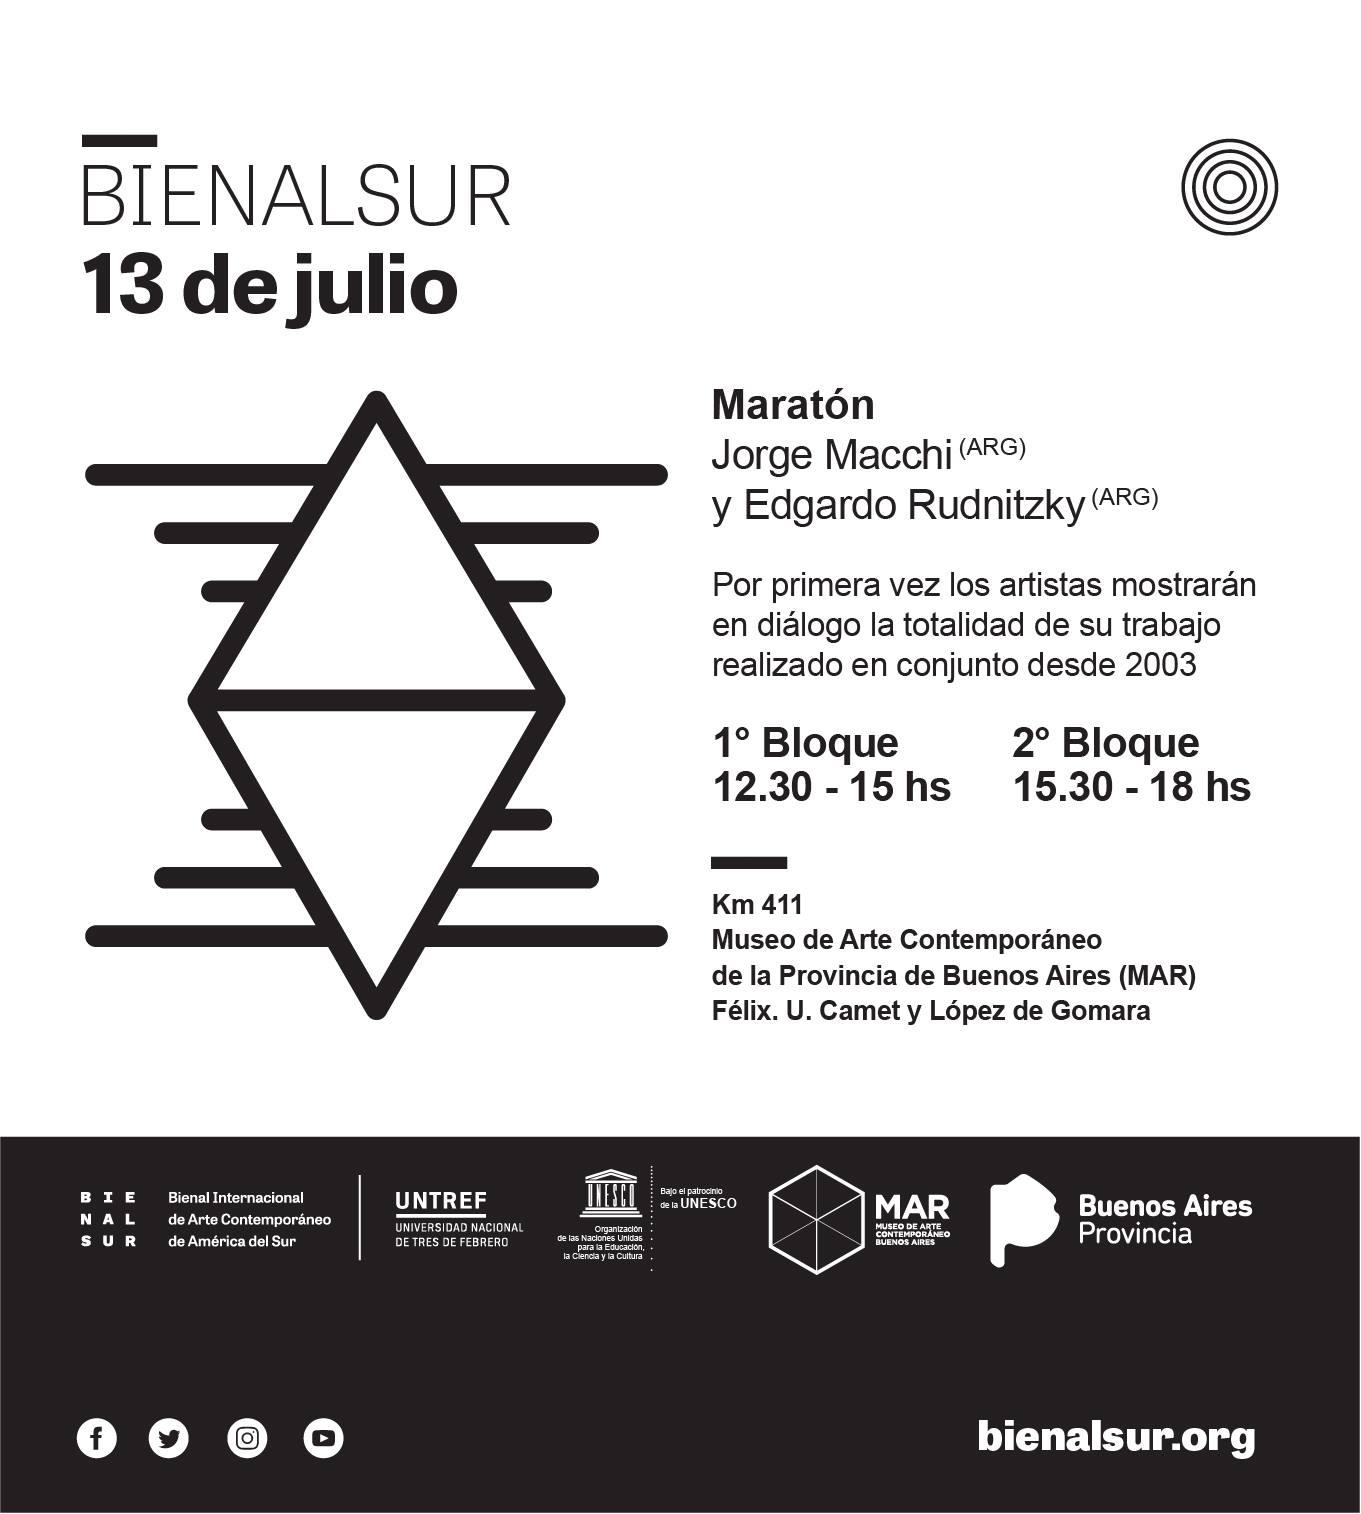 Maratón en MuseoMar de Mar del Plata  (Julio 2019)